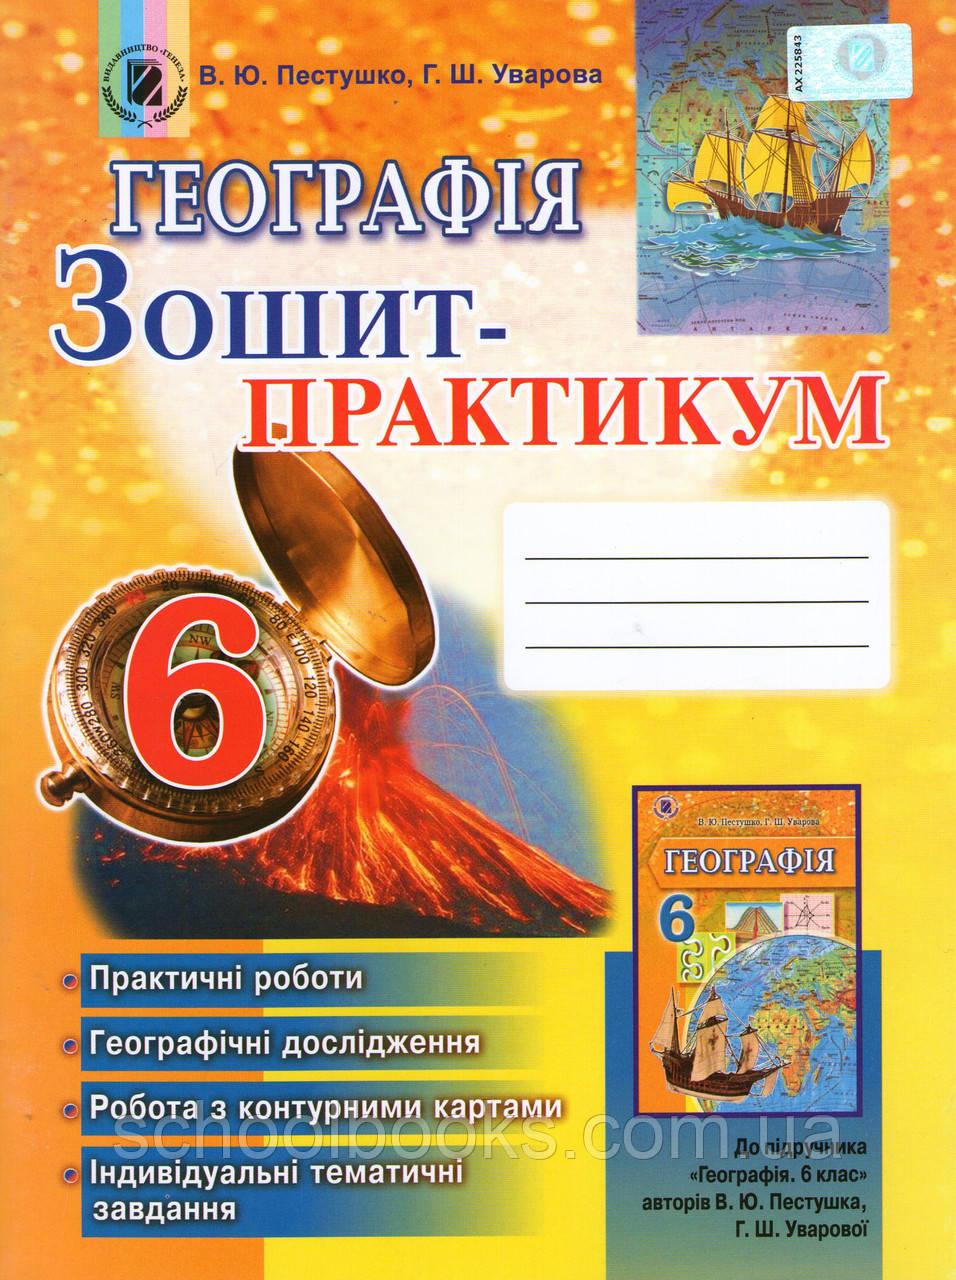 Практические работы по географии 6 класс на украинском языке пестушко уварова